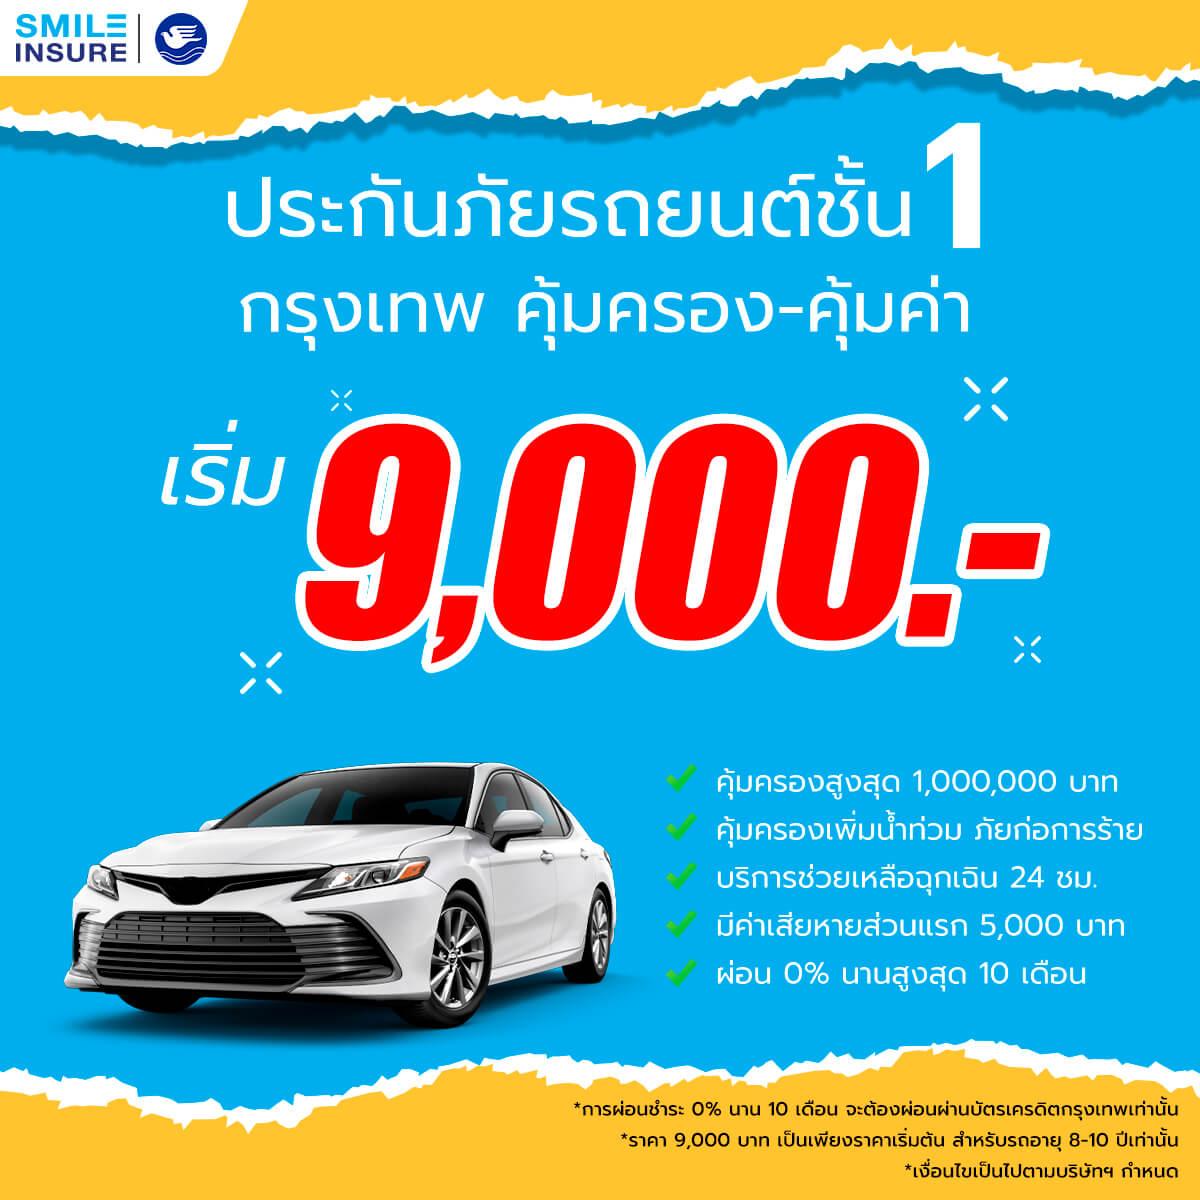 มีงบ 10,000 ทำประกันชั้นไหนได้บ้าง? ประกันภัยรถยนต์ชั้น 1 กรุงเทพ คุ้มครอง-คุ้มค่า เริ่ม 9,000 บาท/ปี | Smile Insure